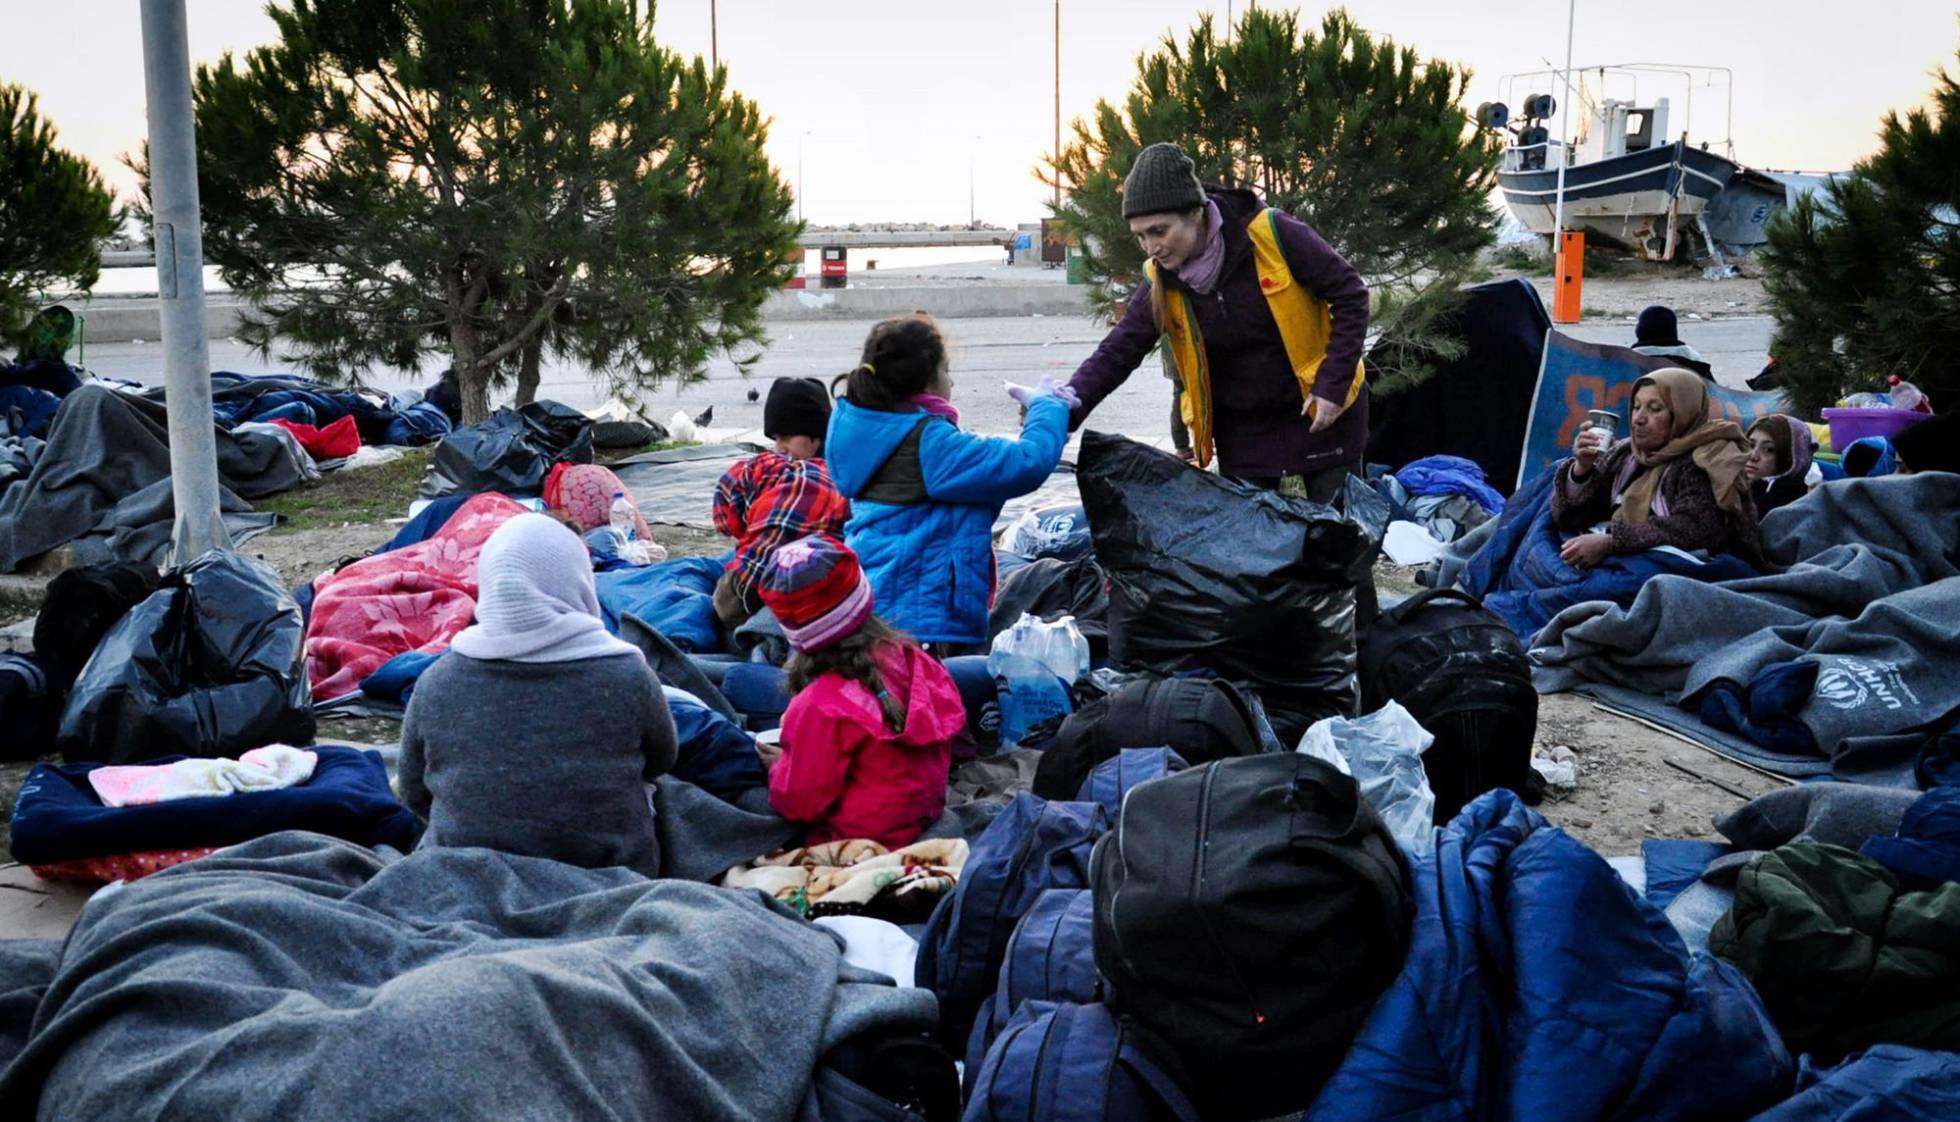 Refugiados en el campo de refugiados de la isla de Chios (Grecia). PANTELIS FYKARIS AFP